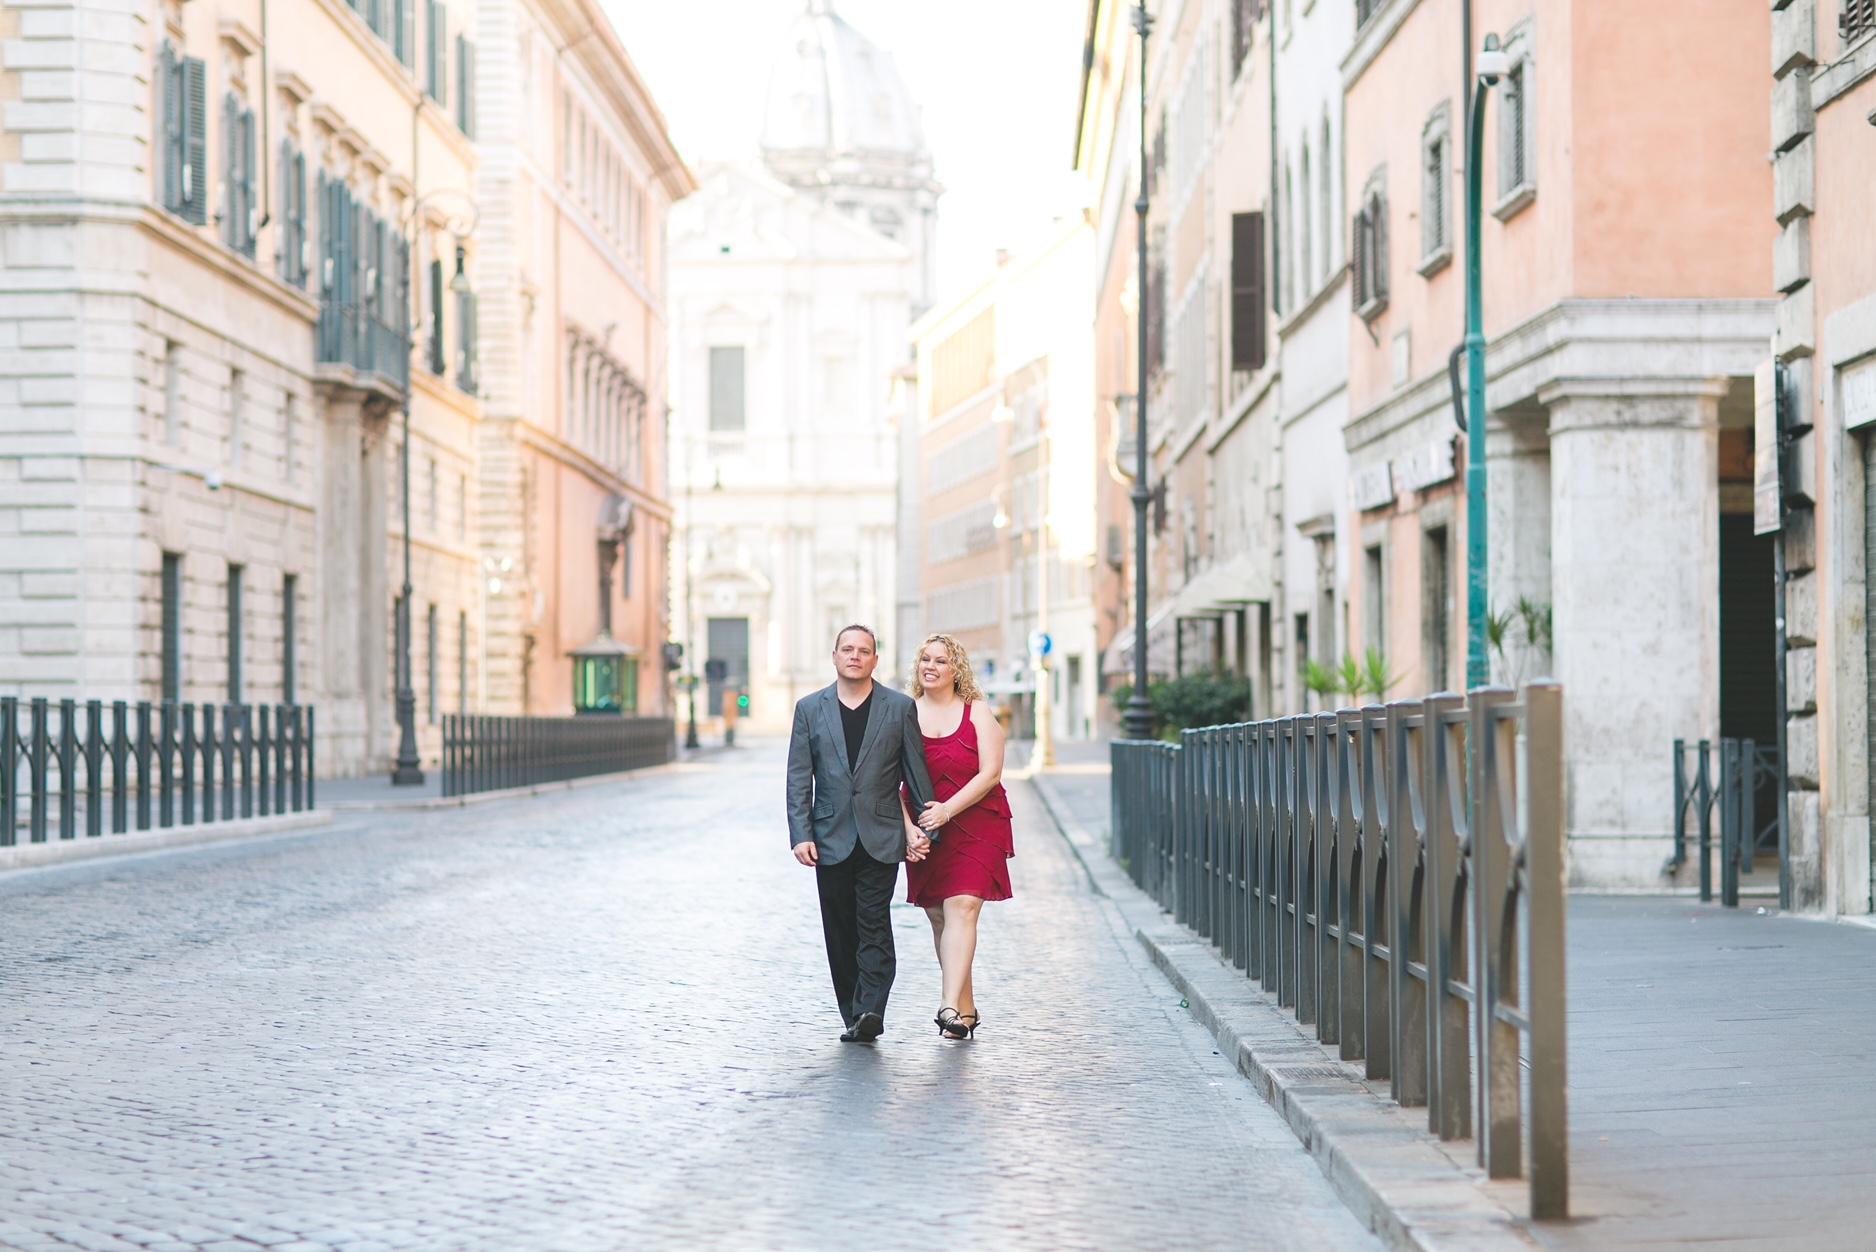 Walking around Rome